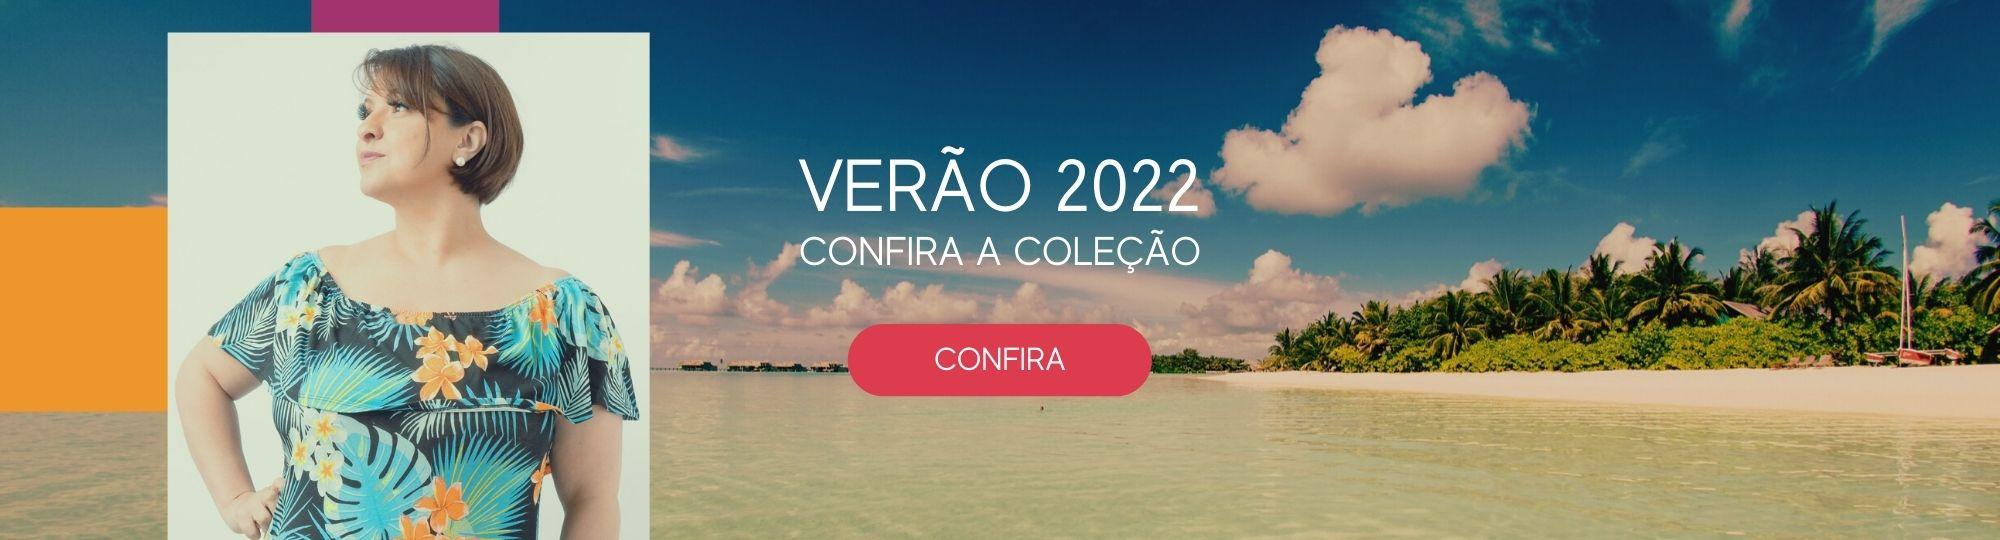 Lançamentos 2022